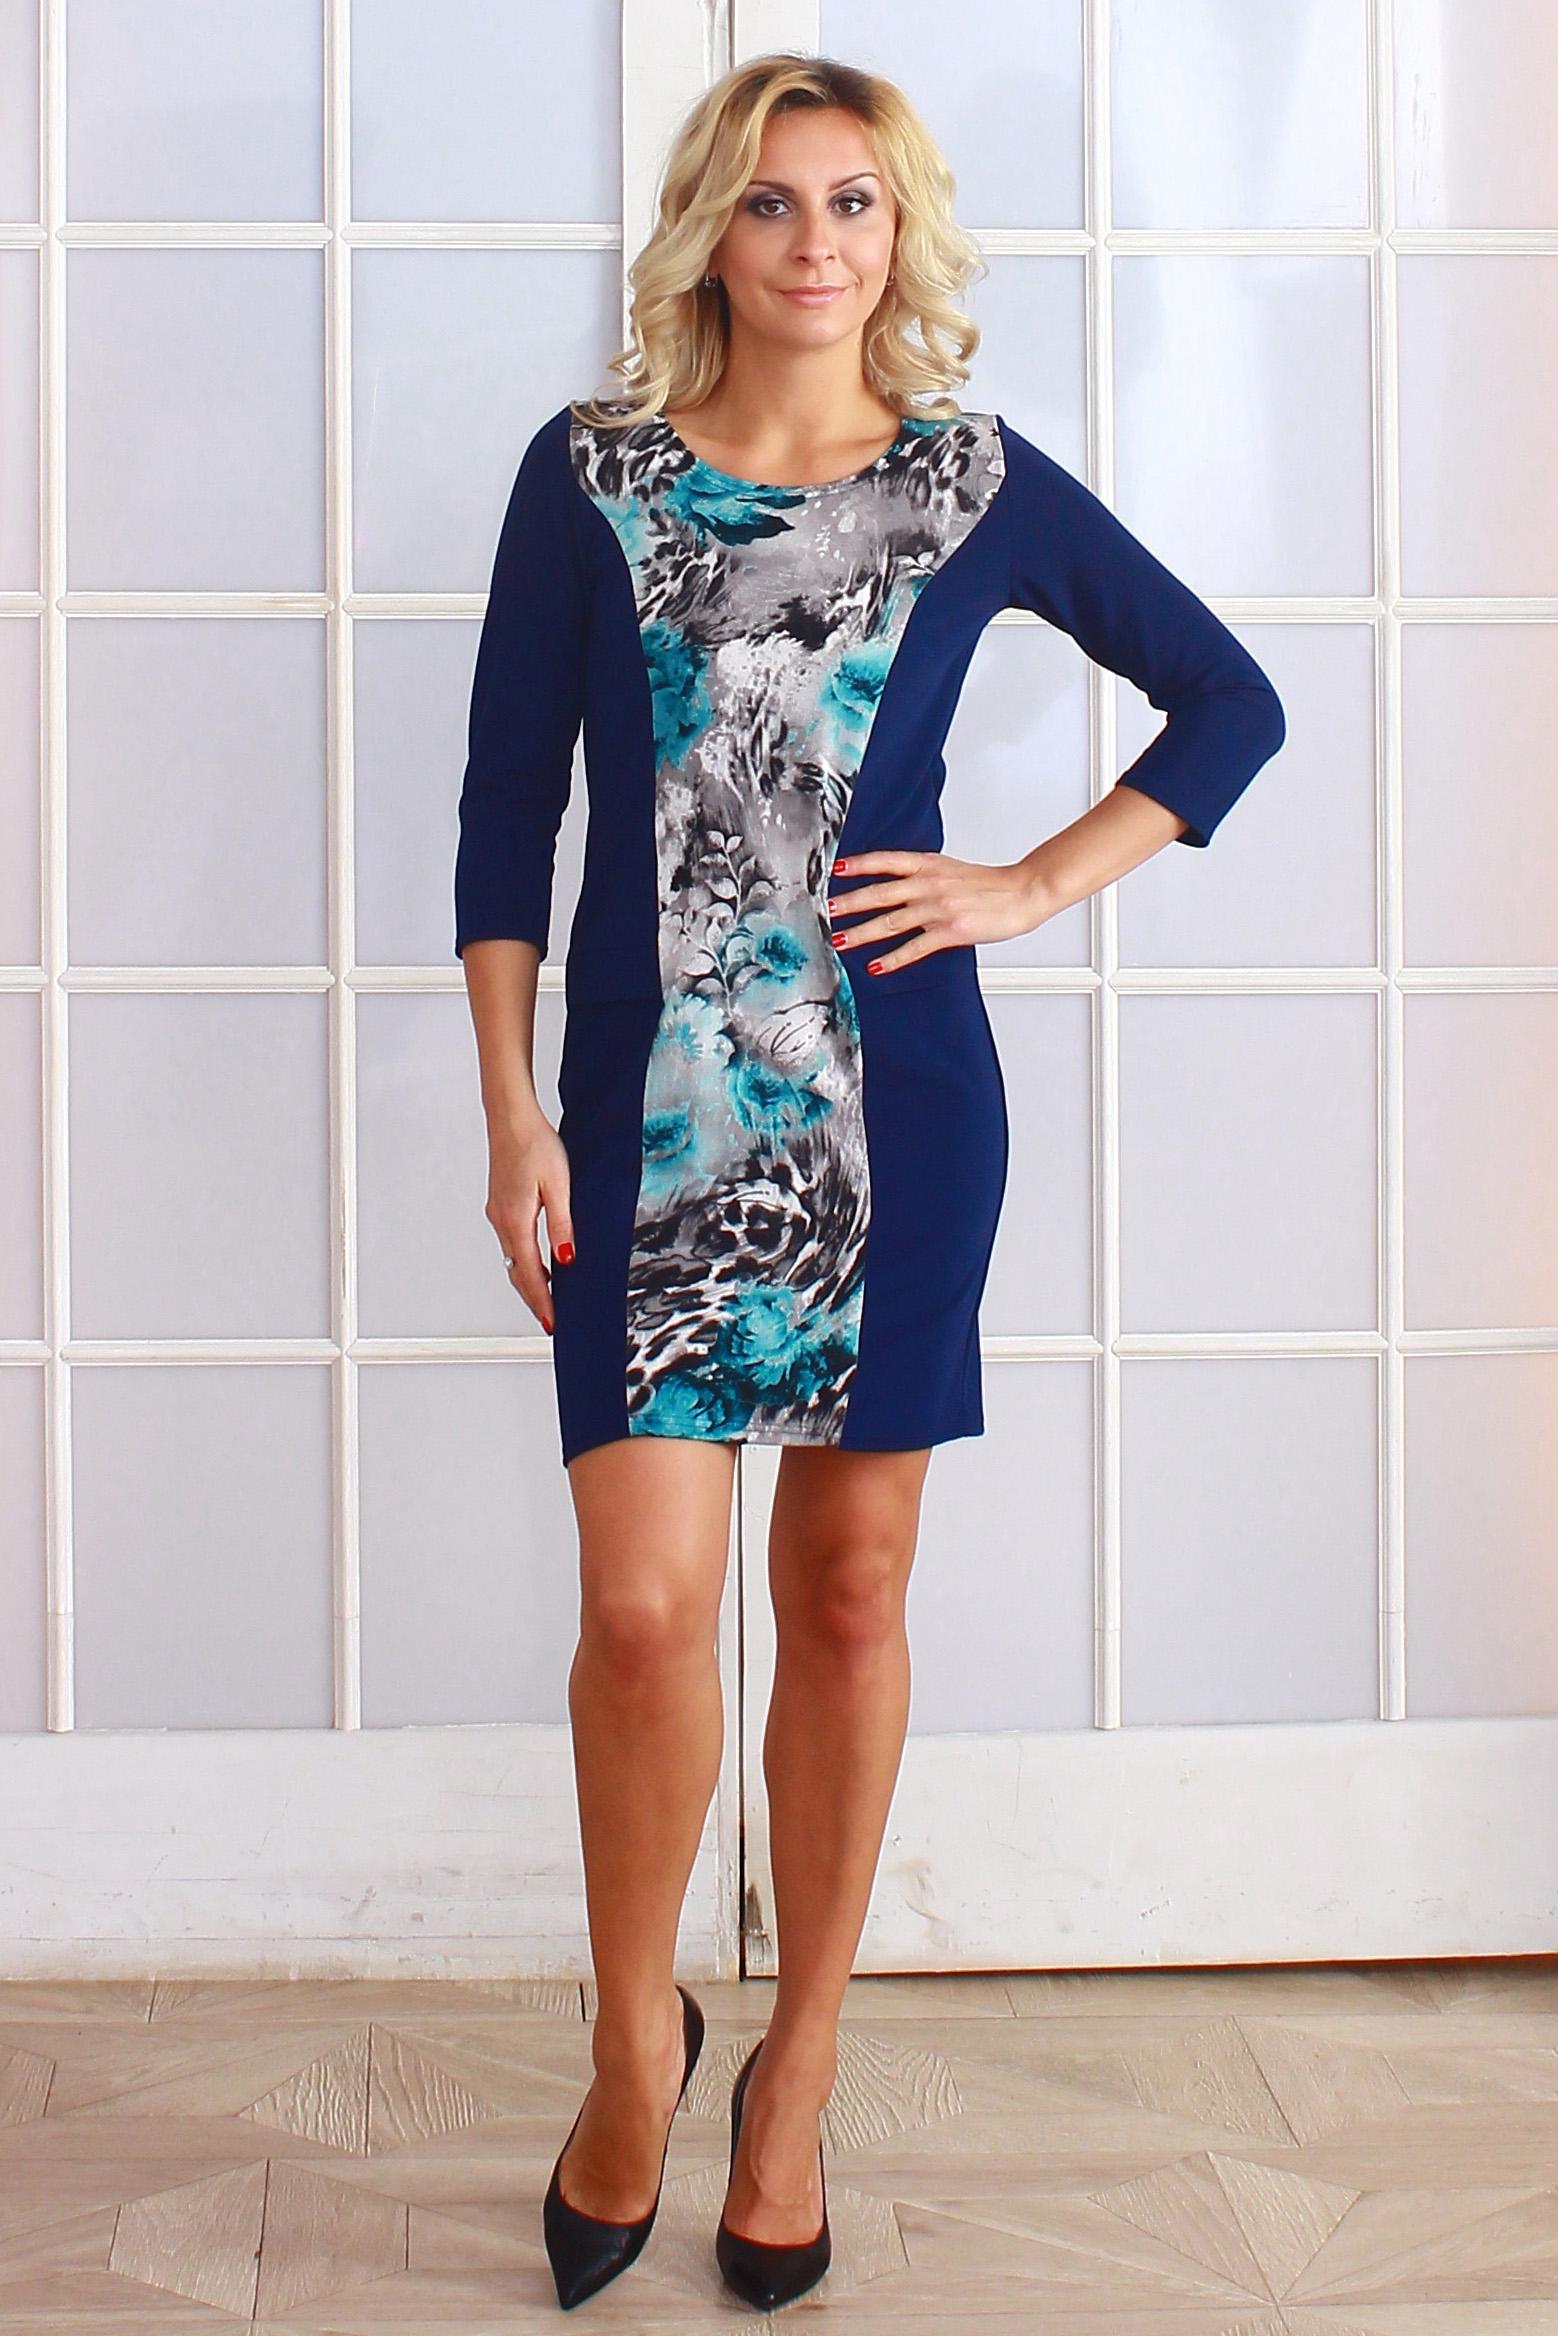 ПлатьеПлатья<br>Комбинированное платье из трикотажного полотна, полочка - из ангоры с набивным рисунком. Платье прилегающего силуэта, рукав втачной, 3/4, с помощью контрастных полосок на полочке выполнена имитация прорезных карманов.  Длина изделия от 87 см до 97 см, в зависимости от размера.  Цвет: синий, белый, черный, голубой  Рост девушки-фотомодели 173 см.<br><br>Горловина: С- горловина<br>По длине: До колена<br>По материалу: Трикотаж<br>По рисунку: Леопард,Растительные мотивы,С принтом,Цветные,Цветочные<br>По силуэту: Полуприталенные,Приталенные<br>По стилю: Повседневный стиль<br>По форме: Платье - футляр<br>Рукав: Рукав три четверти<br>По сезону: Осень,Весна,Зима<br>Размер : 42,44,46,50,52<br>Материал: Джерси<br>Количество в наличии: 5